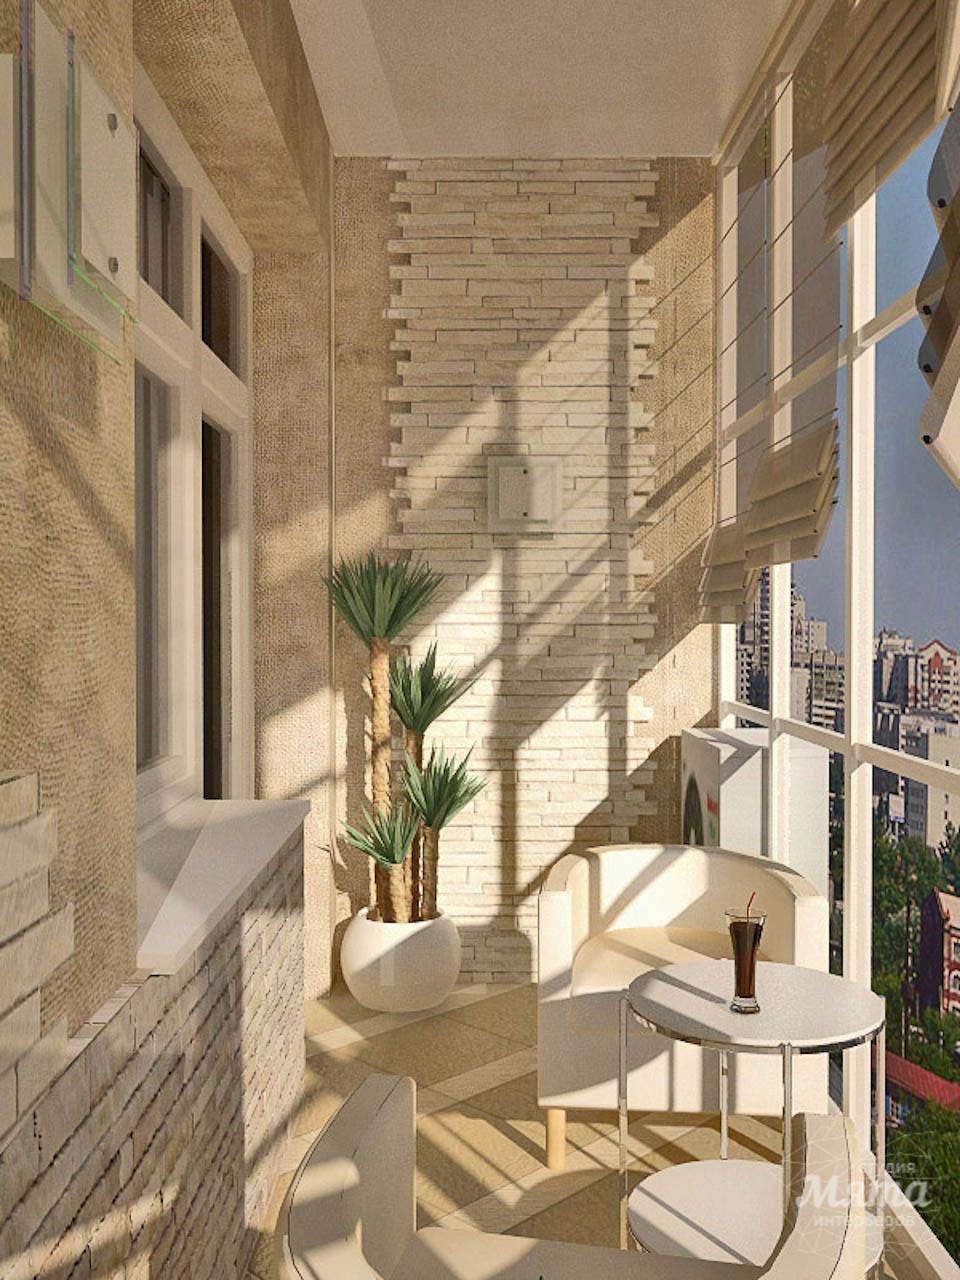 Дизайн интерьера трехкомнатной квартиры по ул. Папанина 18 img540892152